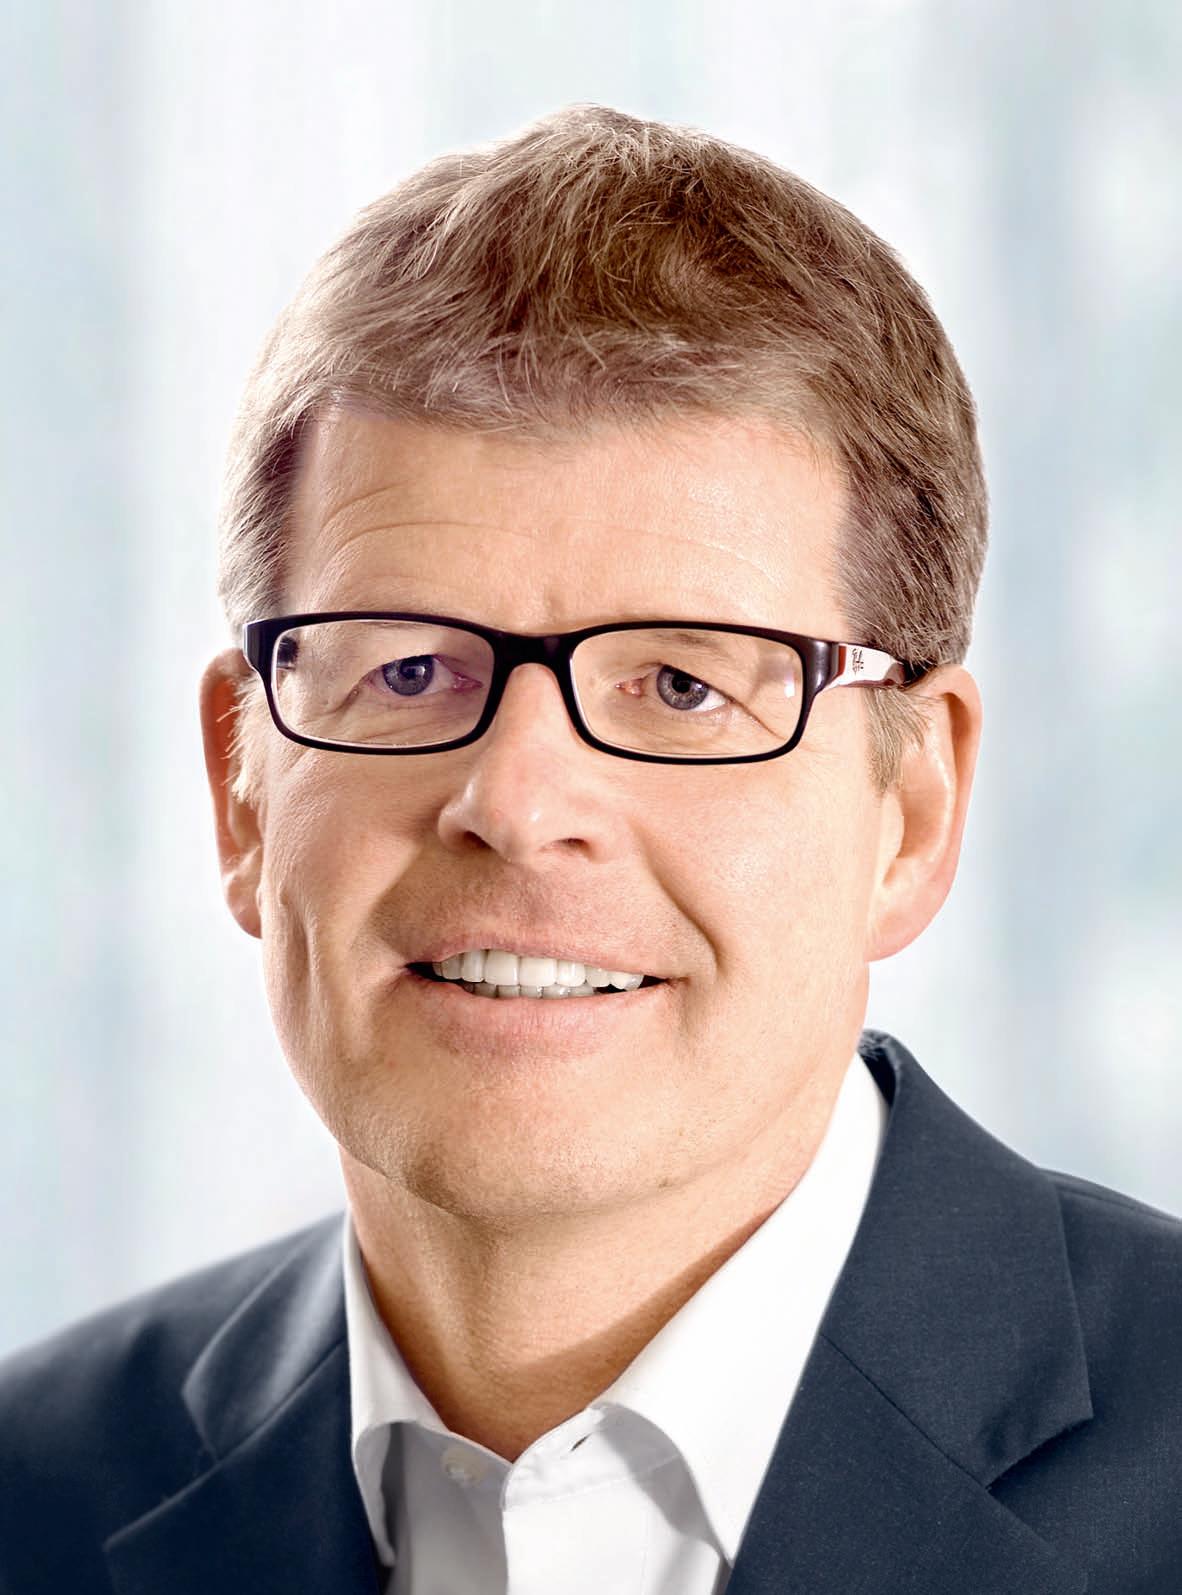 Vorstandsvertrag von Finanzchef Olaf Klinger vorzeitig verlängert